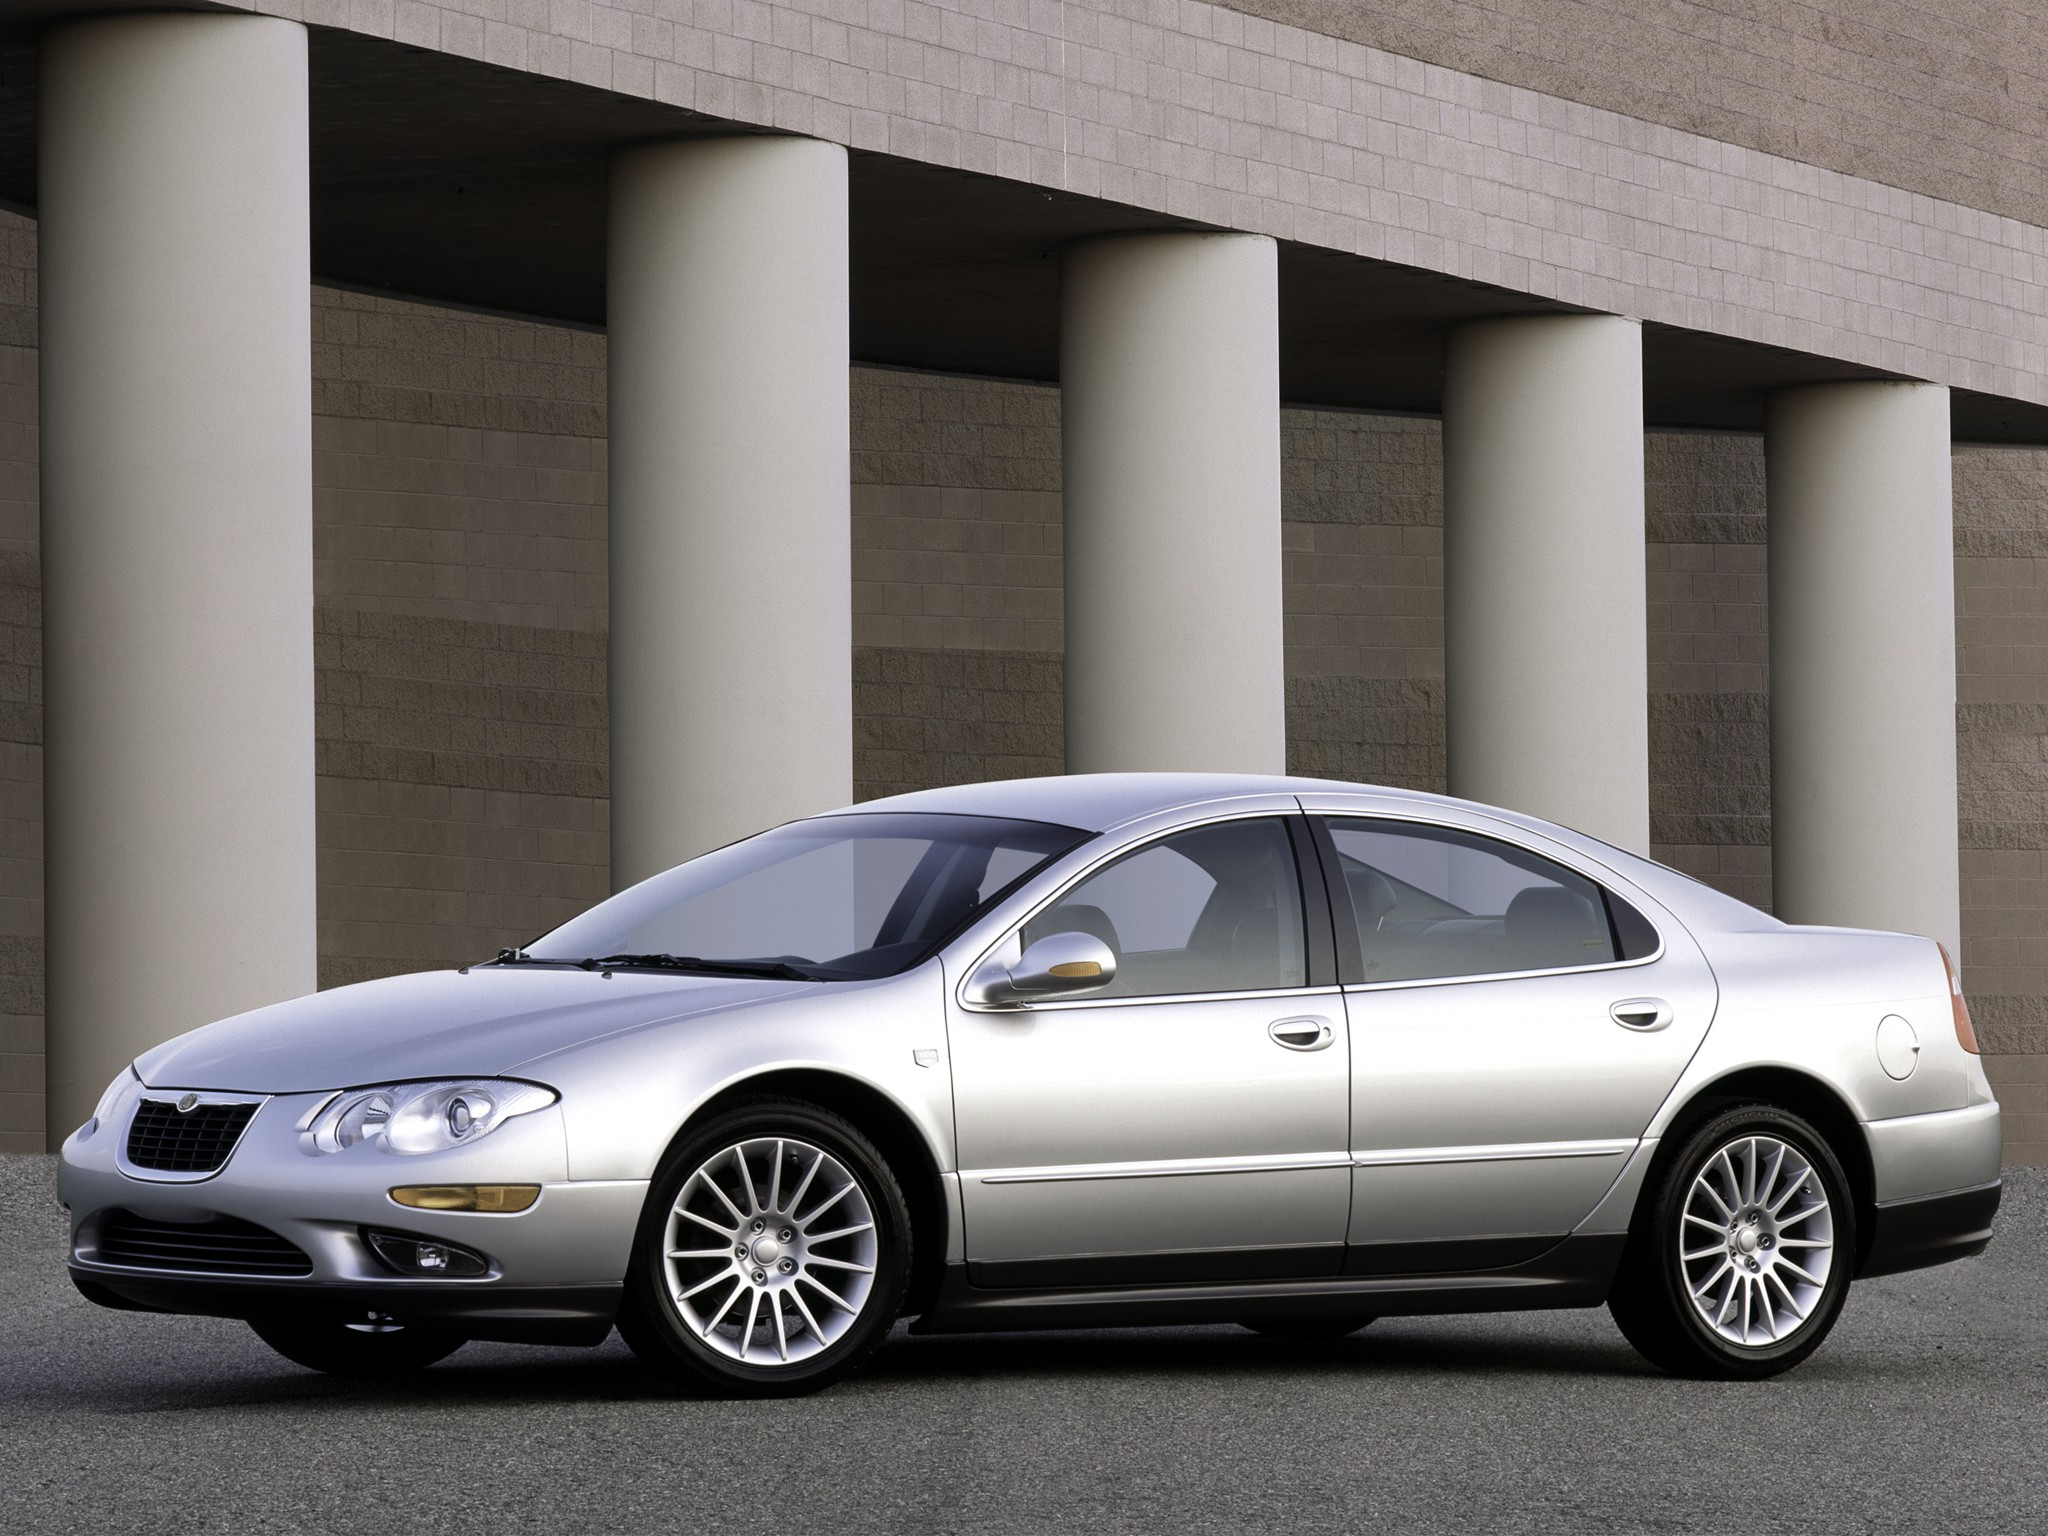 Chrysler 300m 1998 1999 2000 2001 2002 2003 2004